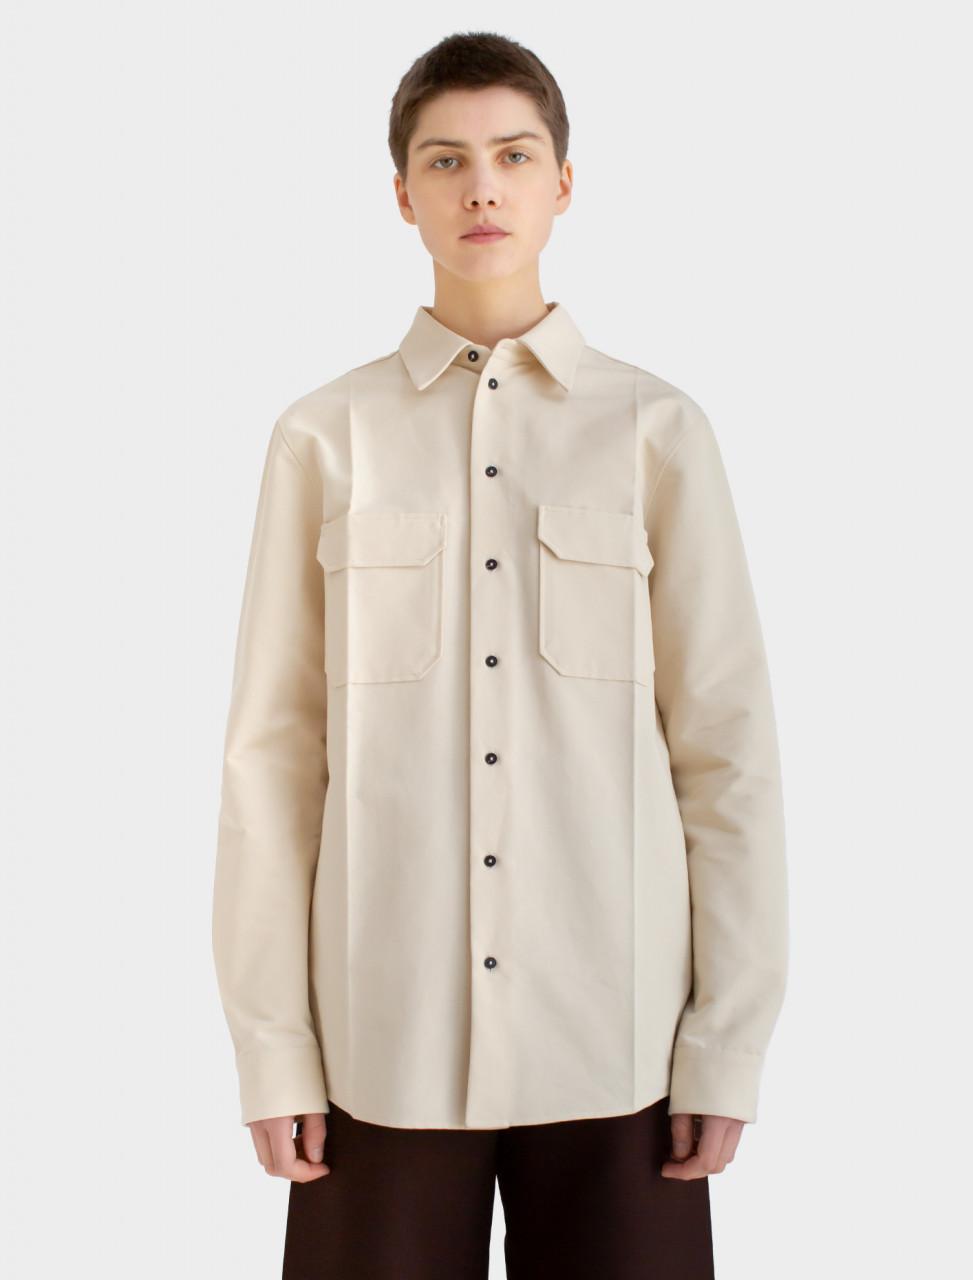 Cotton Faille Shirt in Light Beige